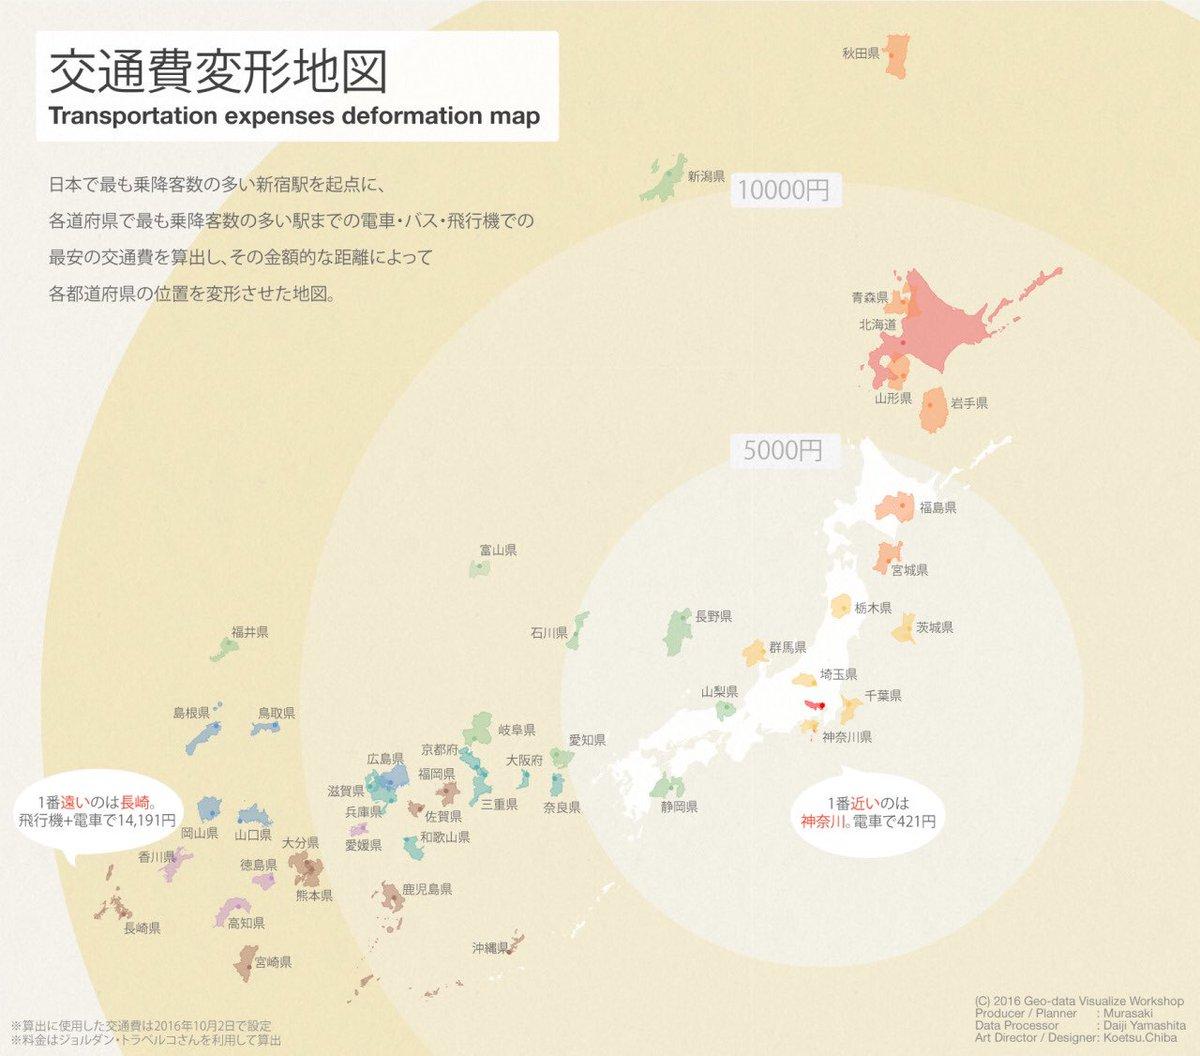 新宿駅からの交通費で見る日本地図、凄い参考になる。 https://t.co/a1YWS3e1dJ